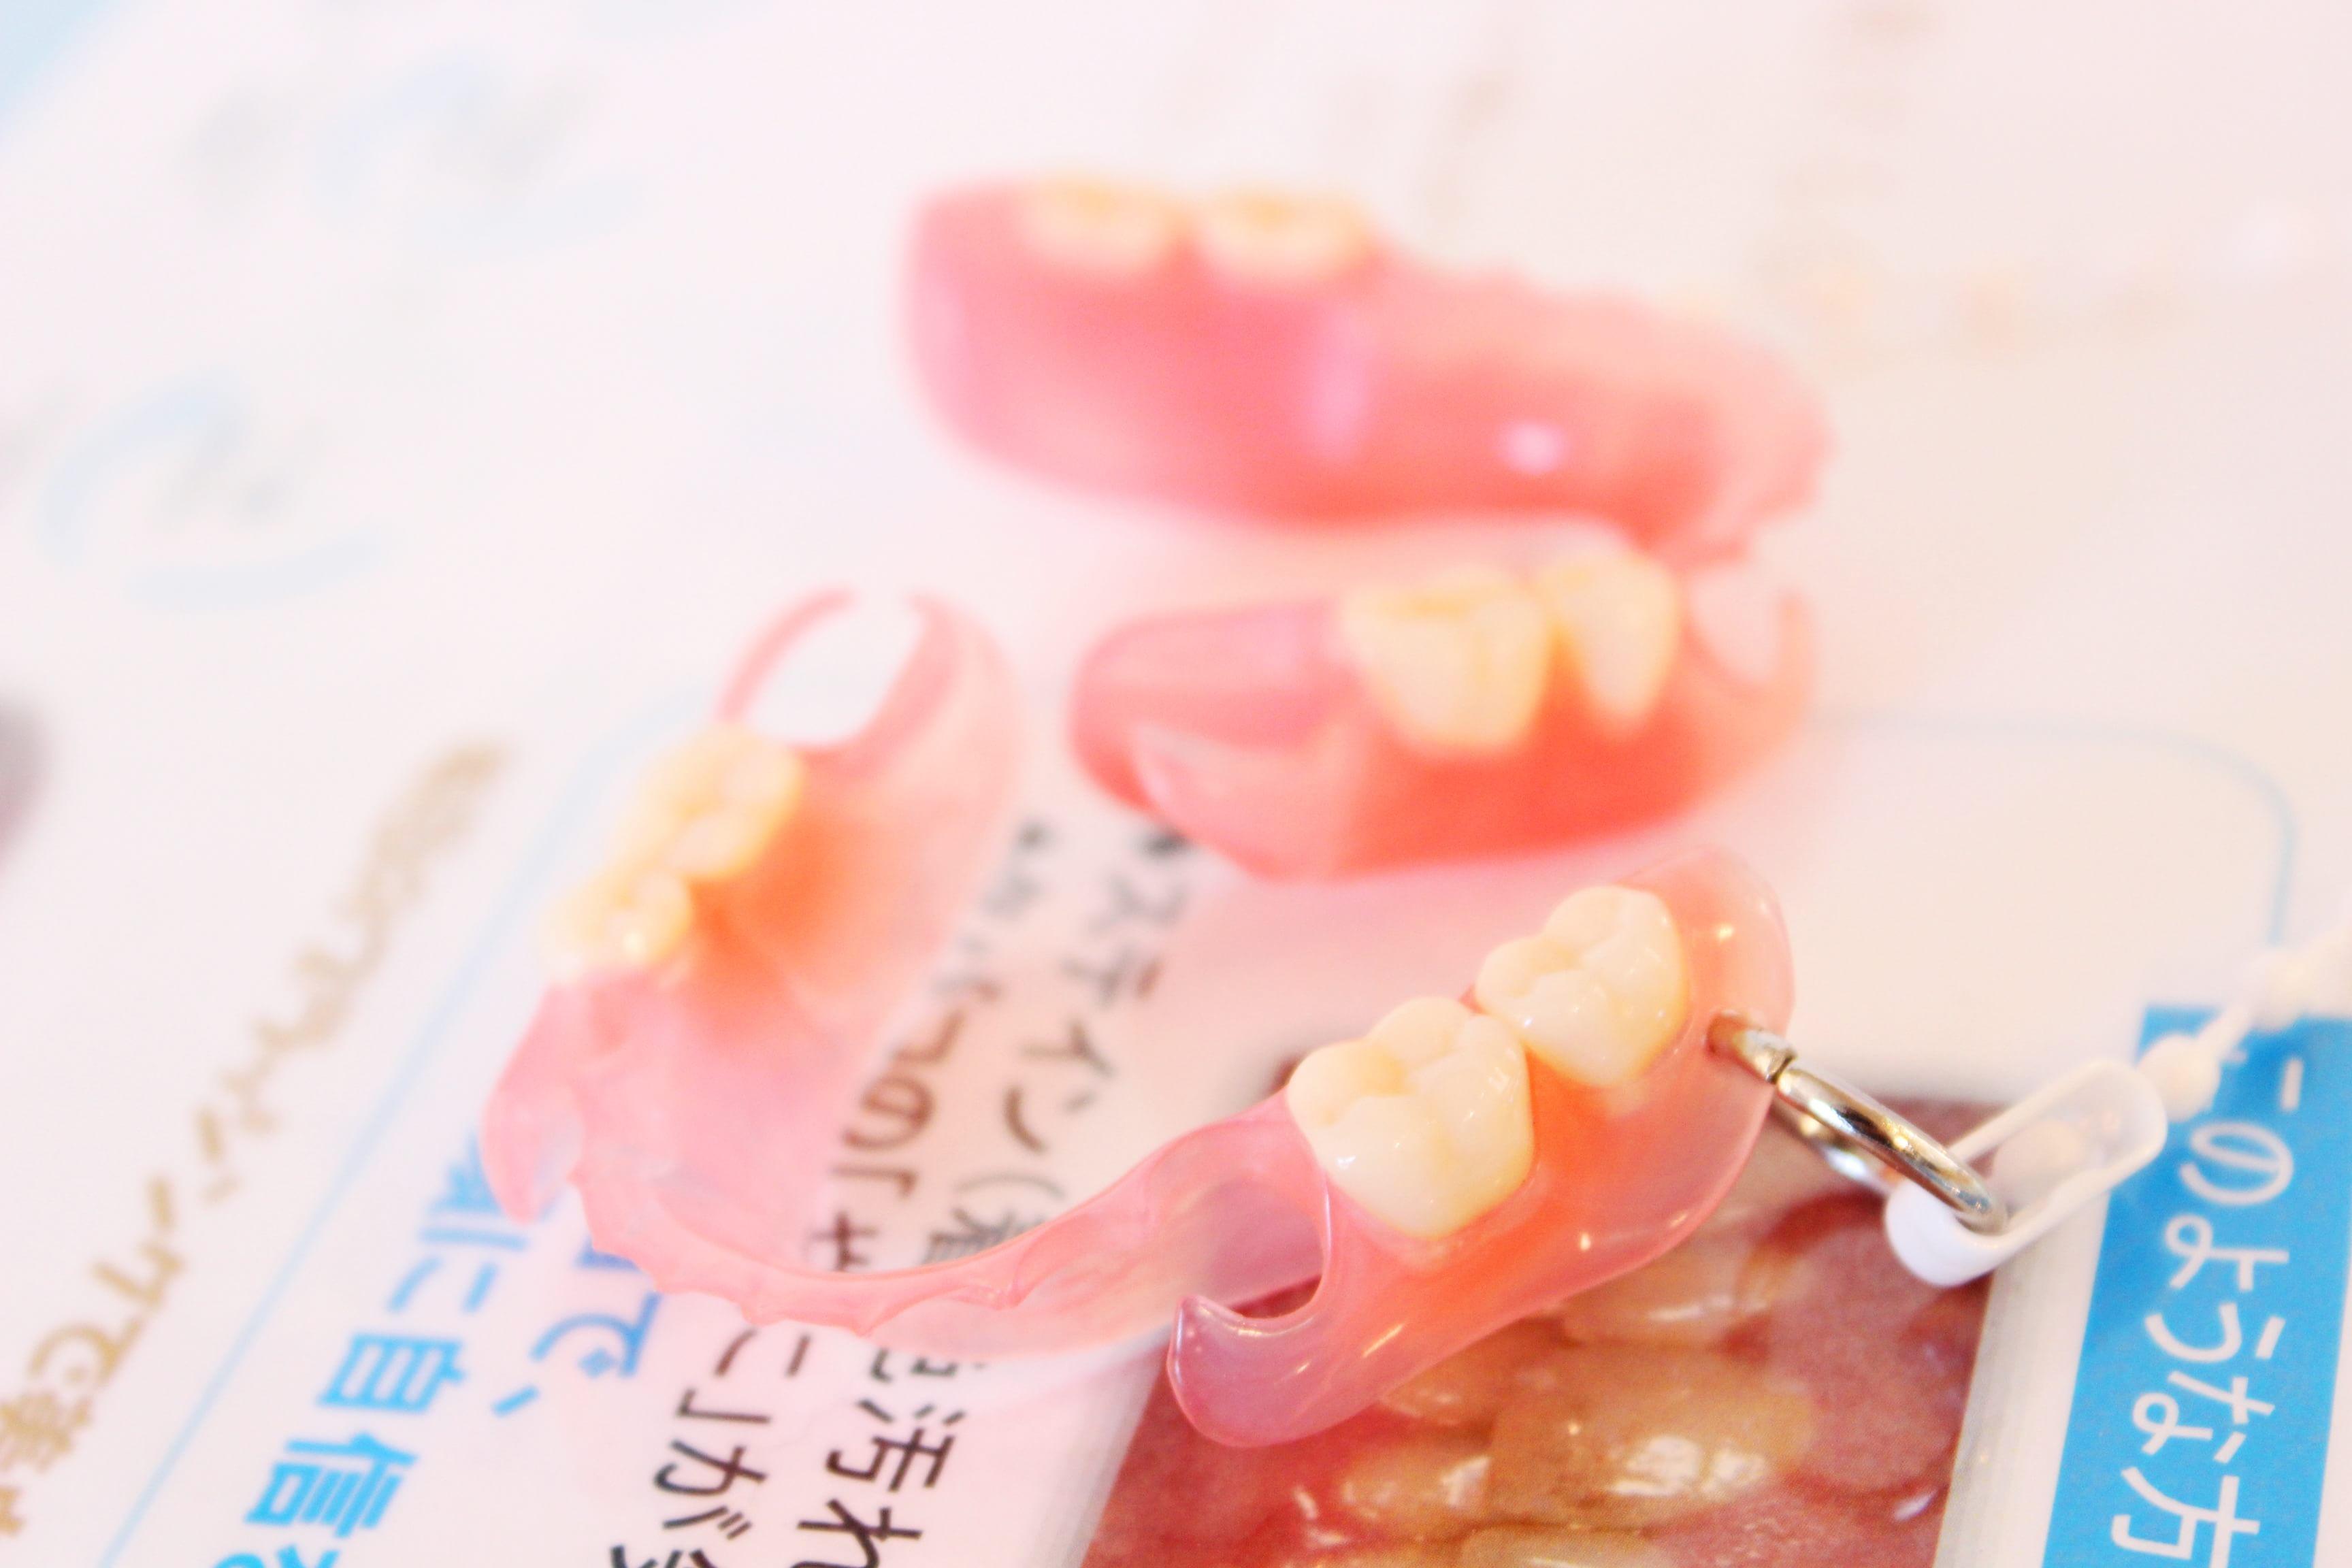 お年寄りの方だけではない?義歯を選択する必要性